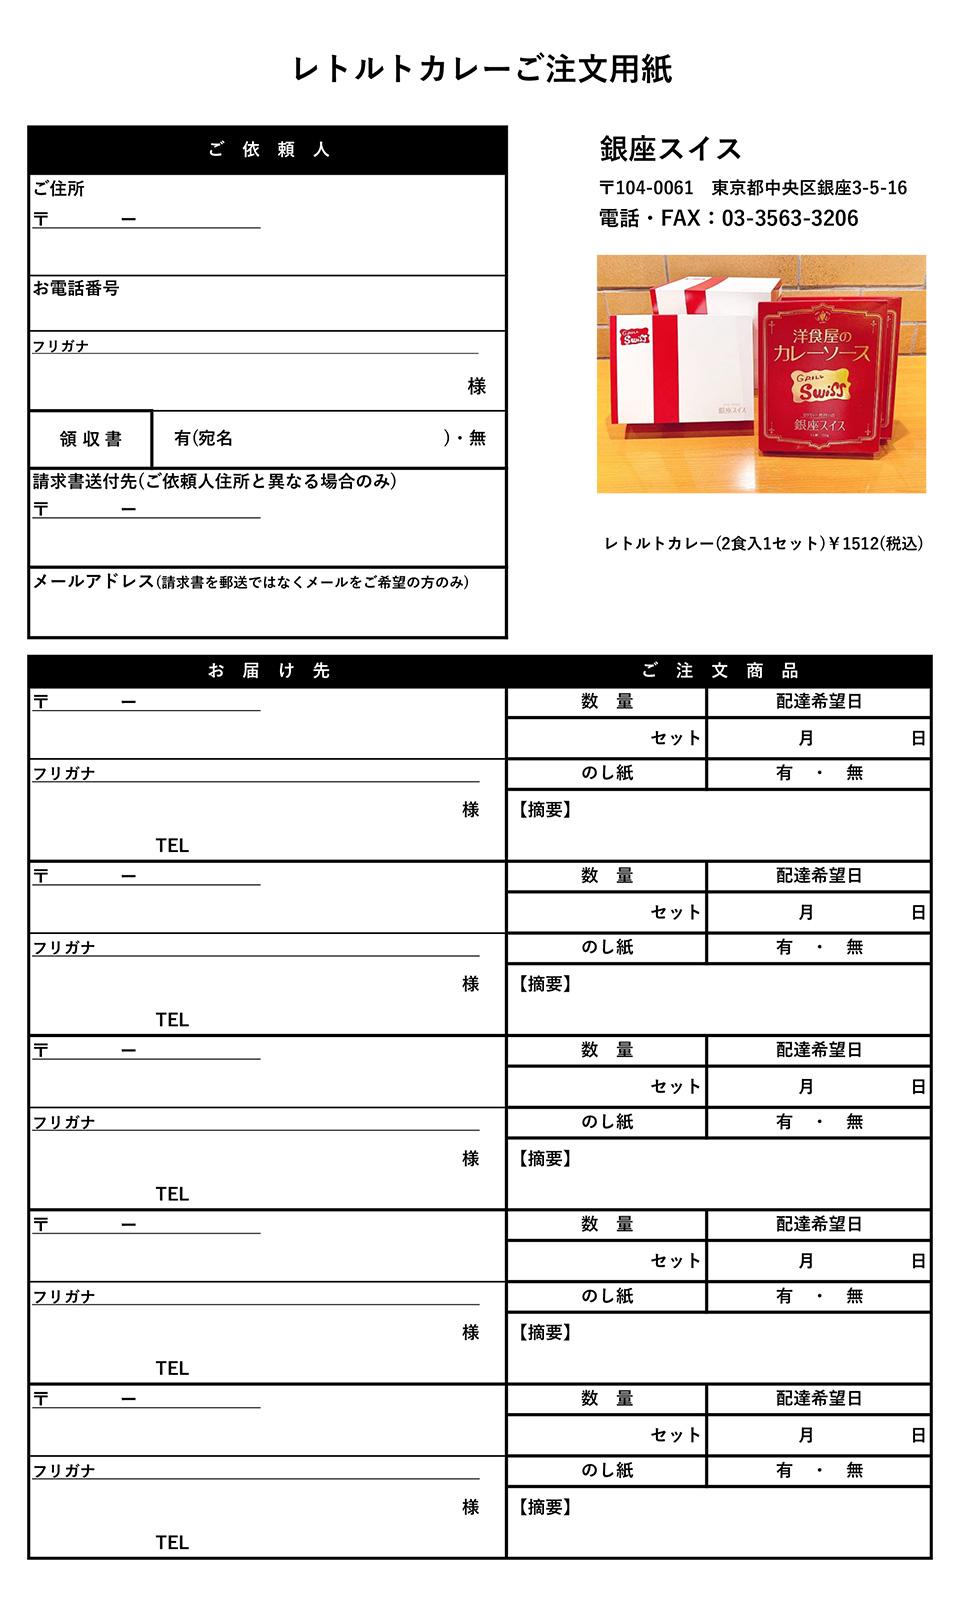 【銀座スイス】レトルトカレーFAX20210226